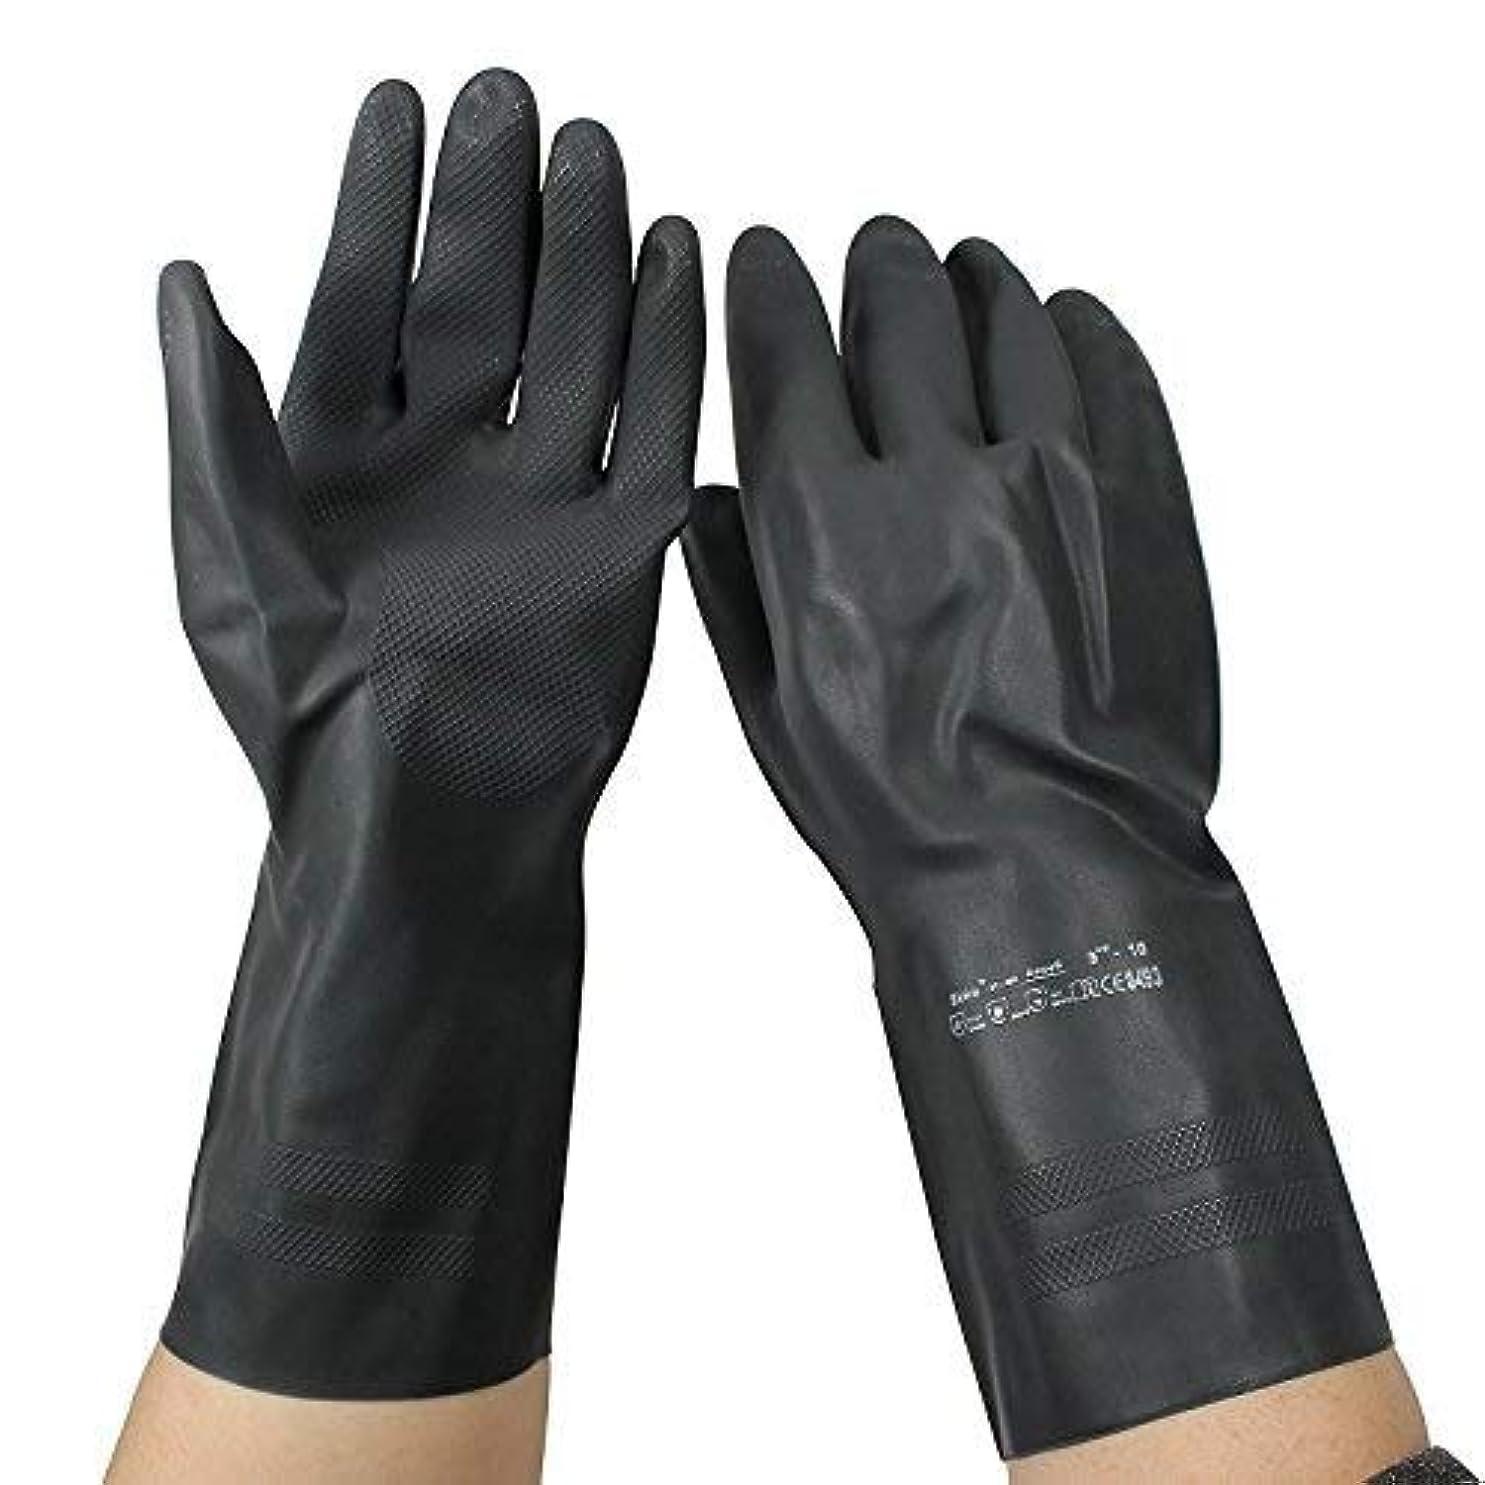 にもかかわらず苦い告白するXWYST ゴム手袋/溶接断熱労働保護手袋